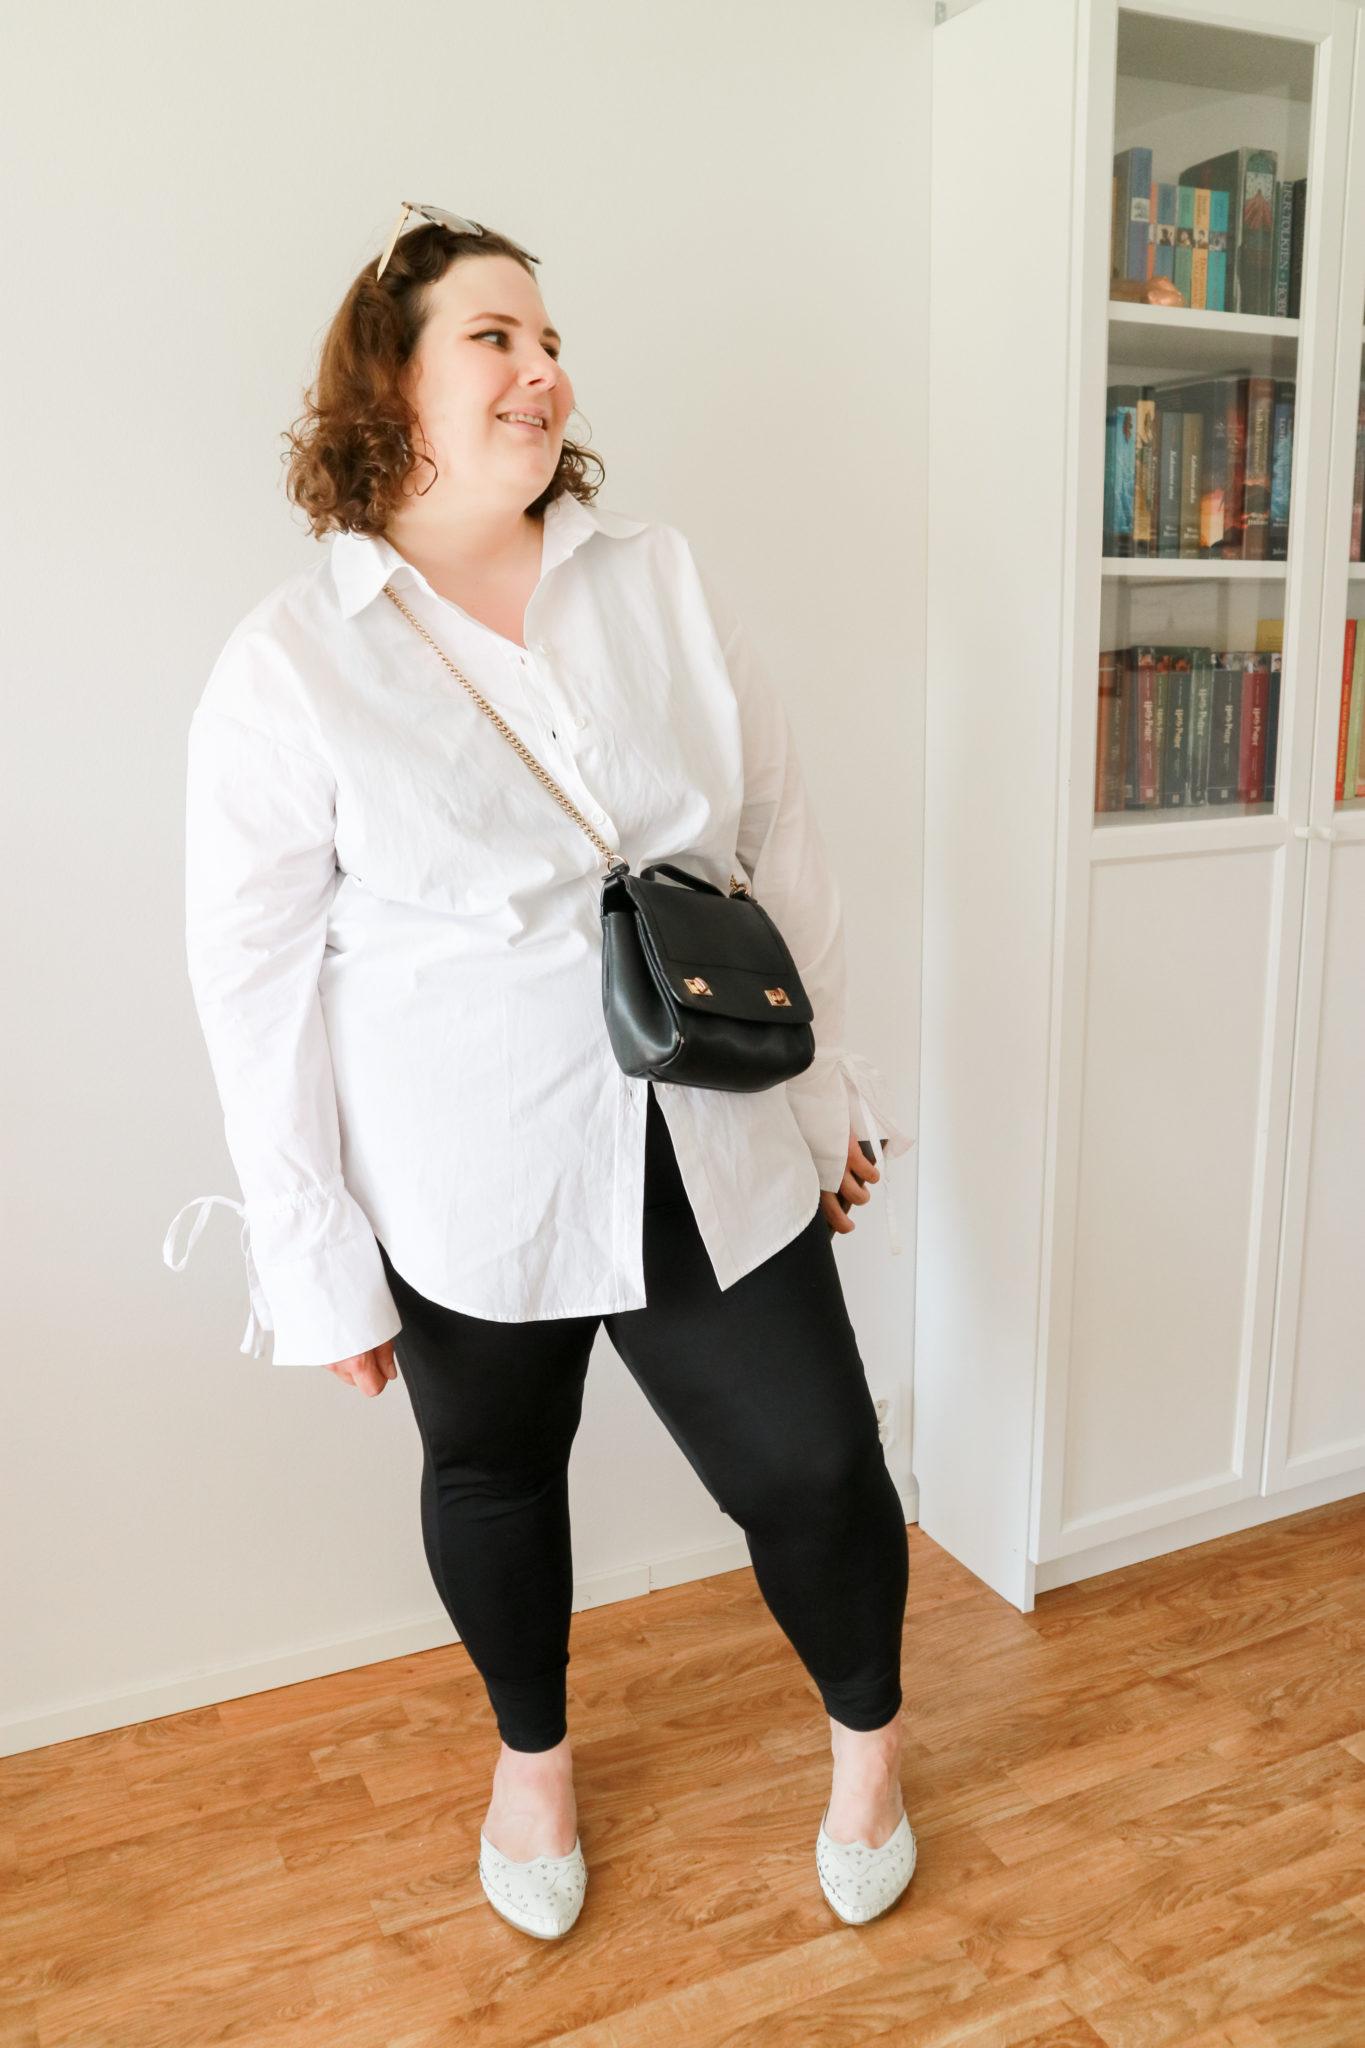 Vaaterakkaustarina ja päivän asu - Big mamas home by Jenni